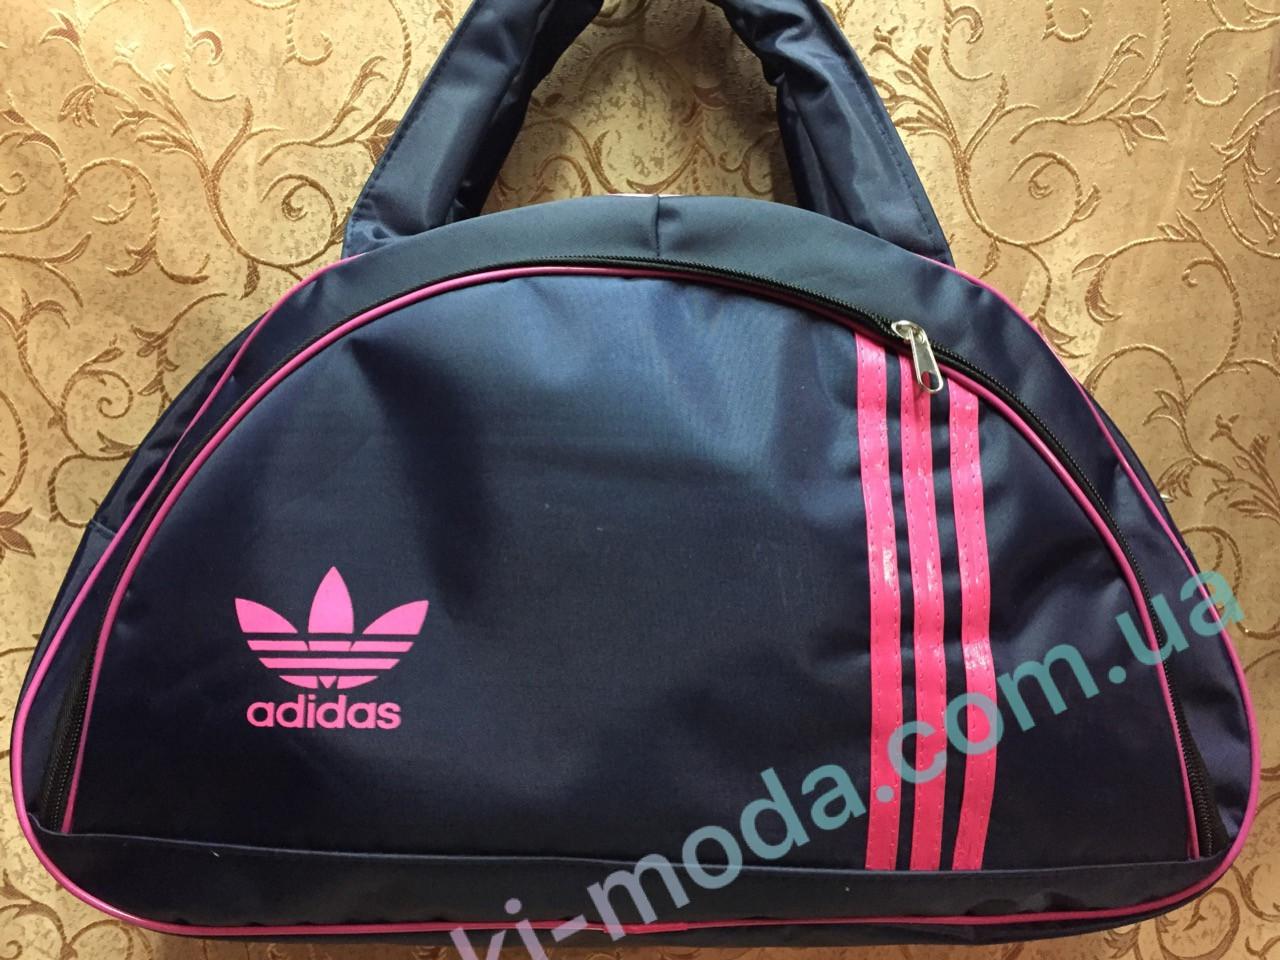 Сумка спортивная adidas синий+розовый только ОПТ/спорт сумки /Женская спортивная сумка